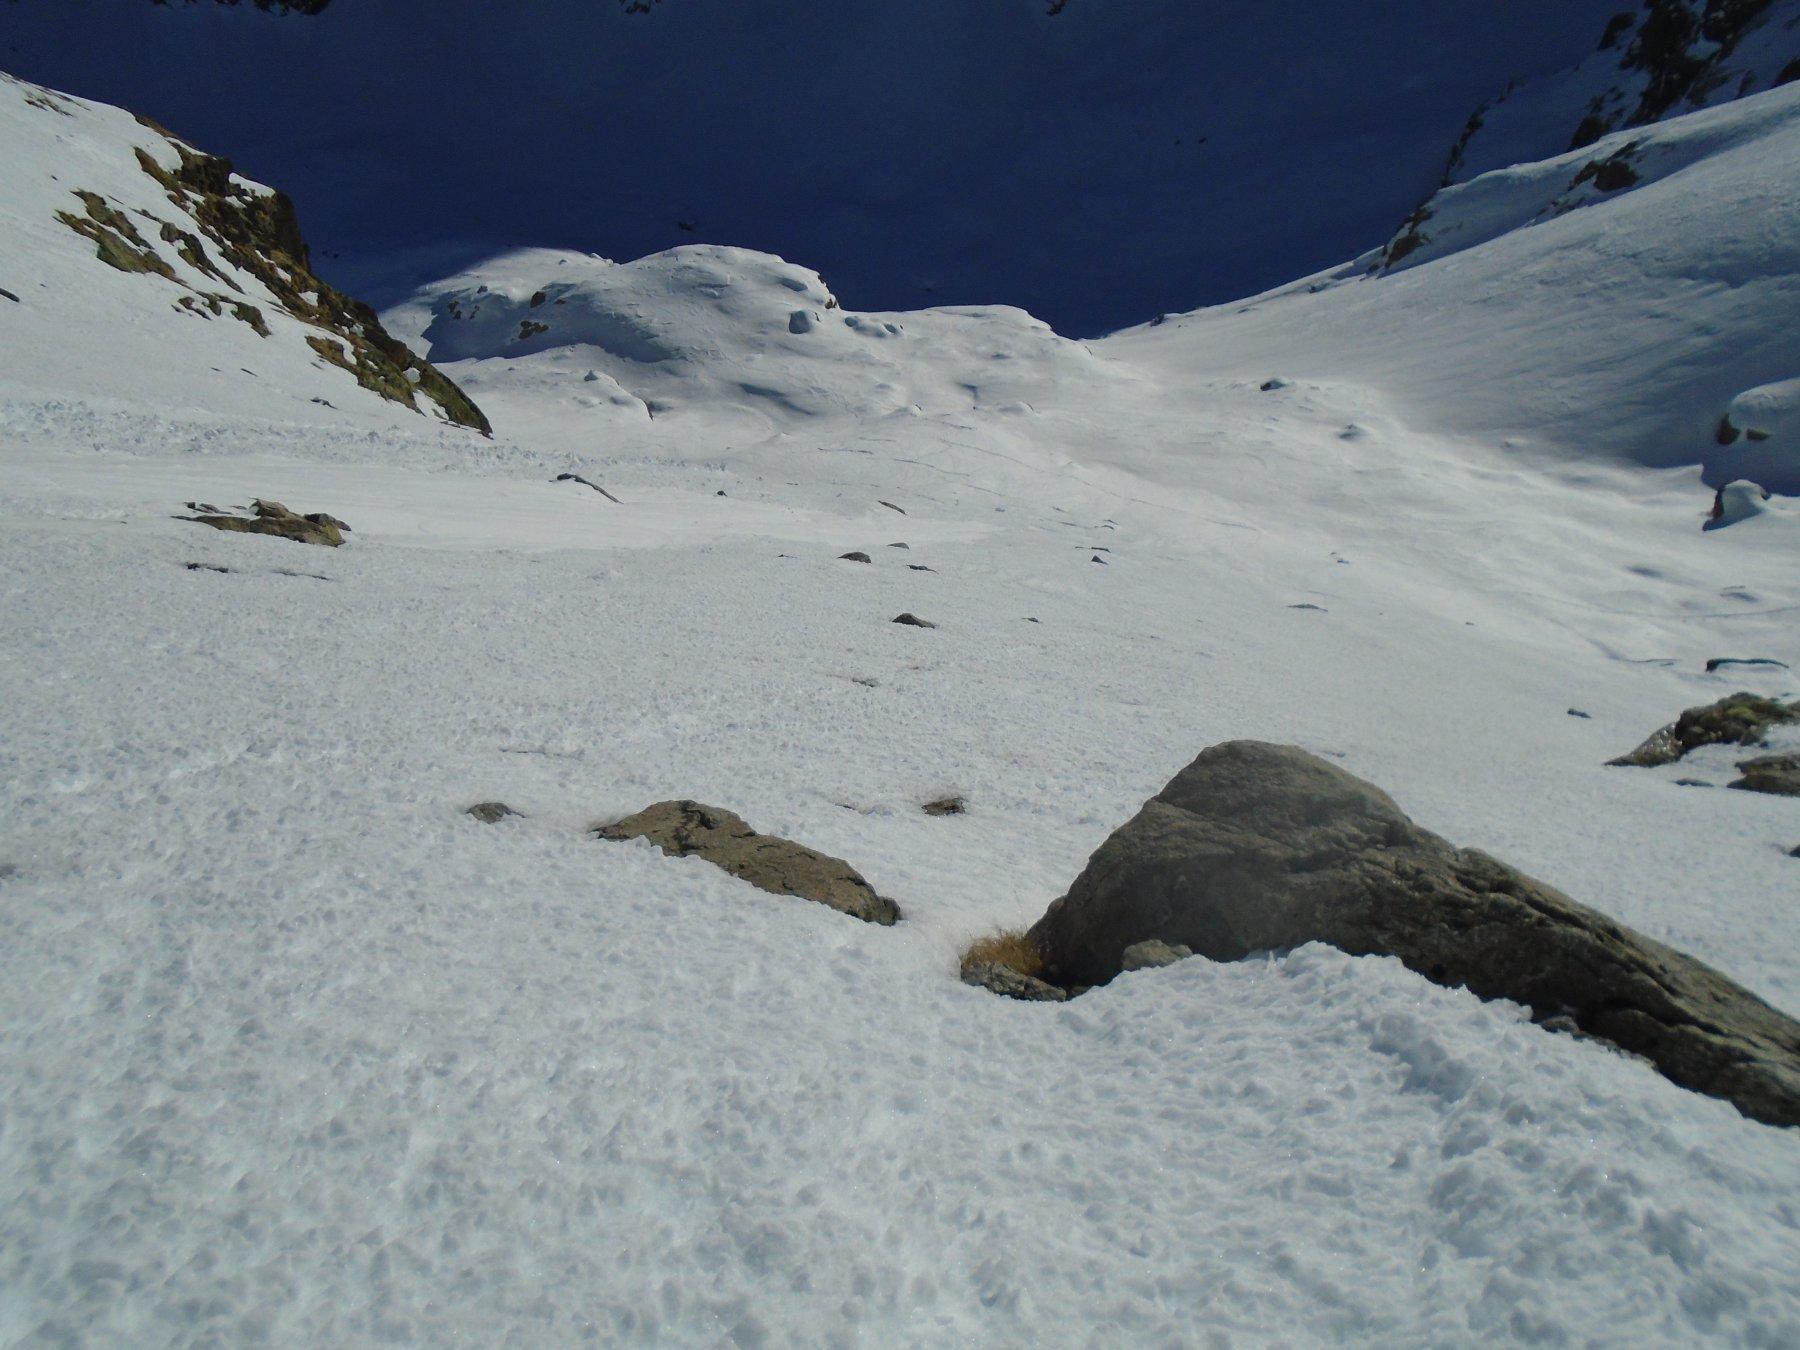 Neve ora abbastanza smollata e scivolosa